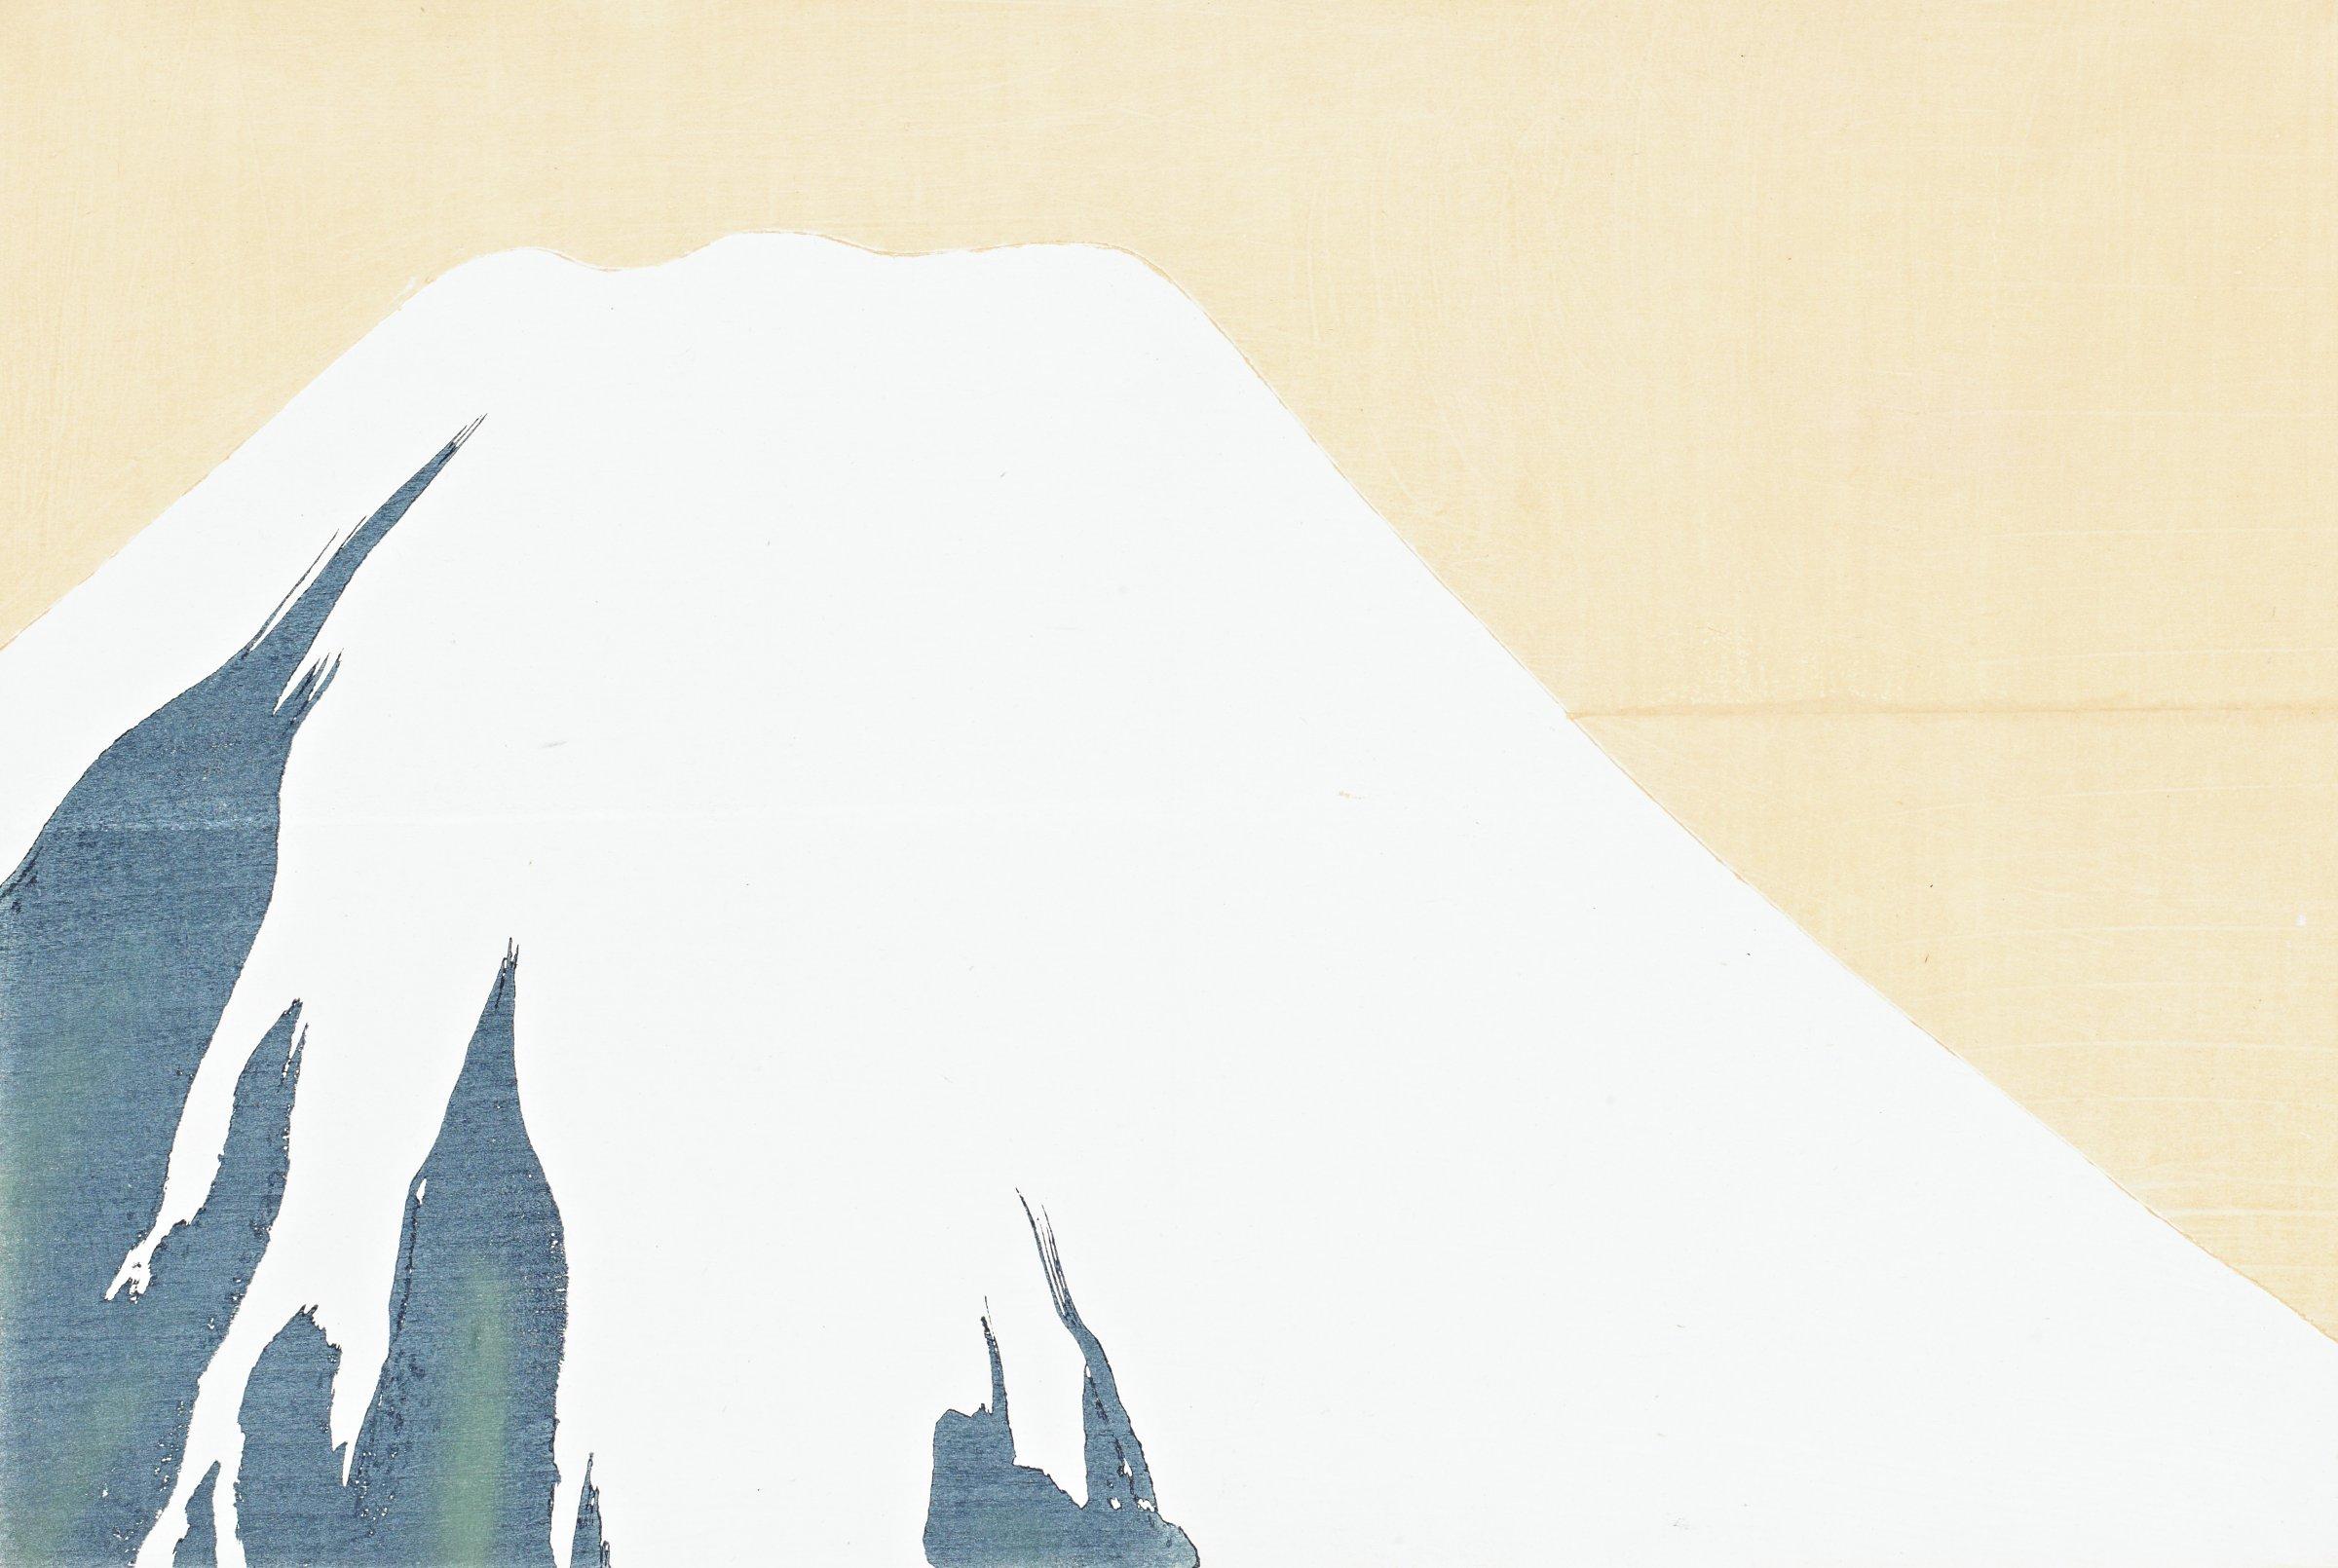 Fuji (Mt. Fuji), from Momoyogusa (A World of Things), Volume 1, Kamisaka Sekka, ink and color on paper